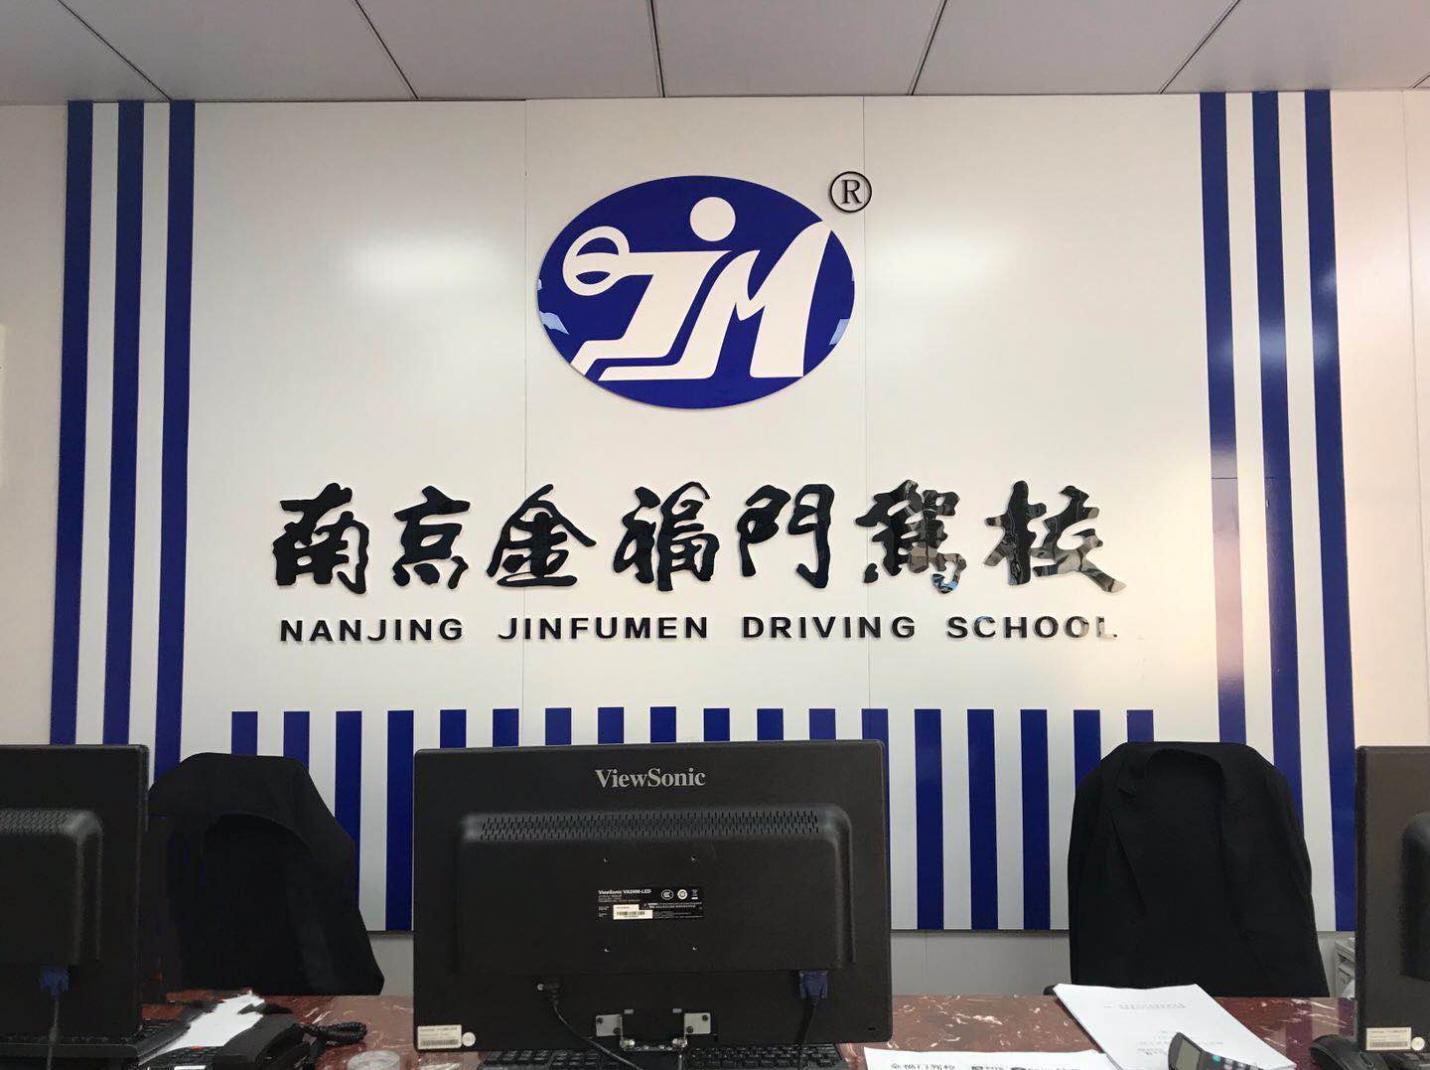 南京金福门驾校